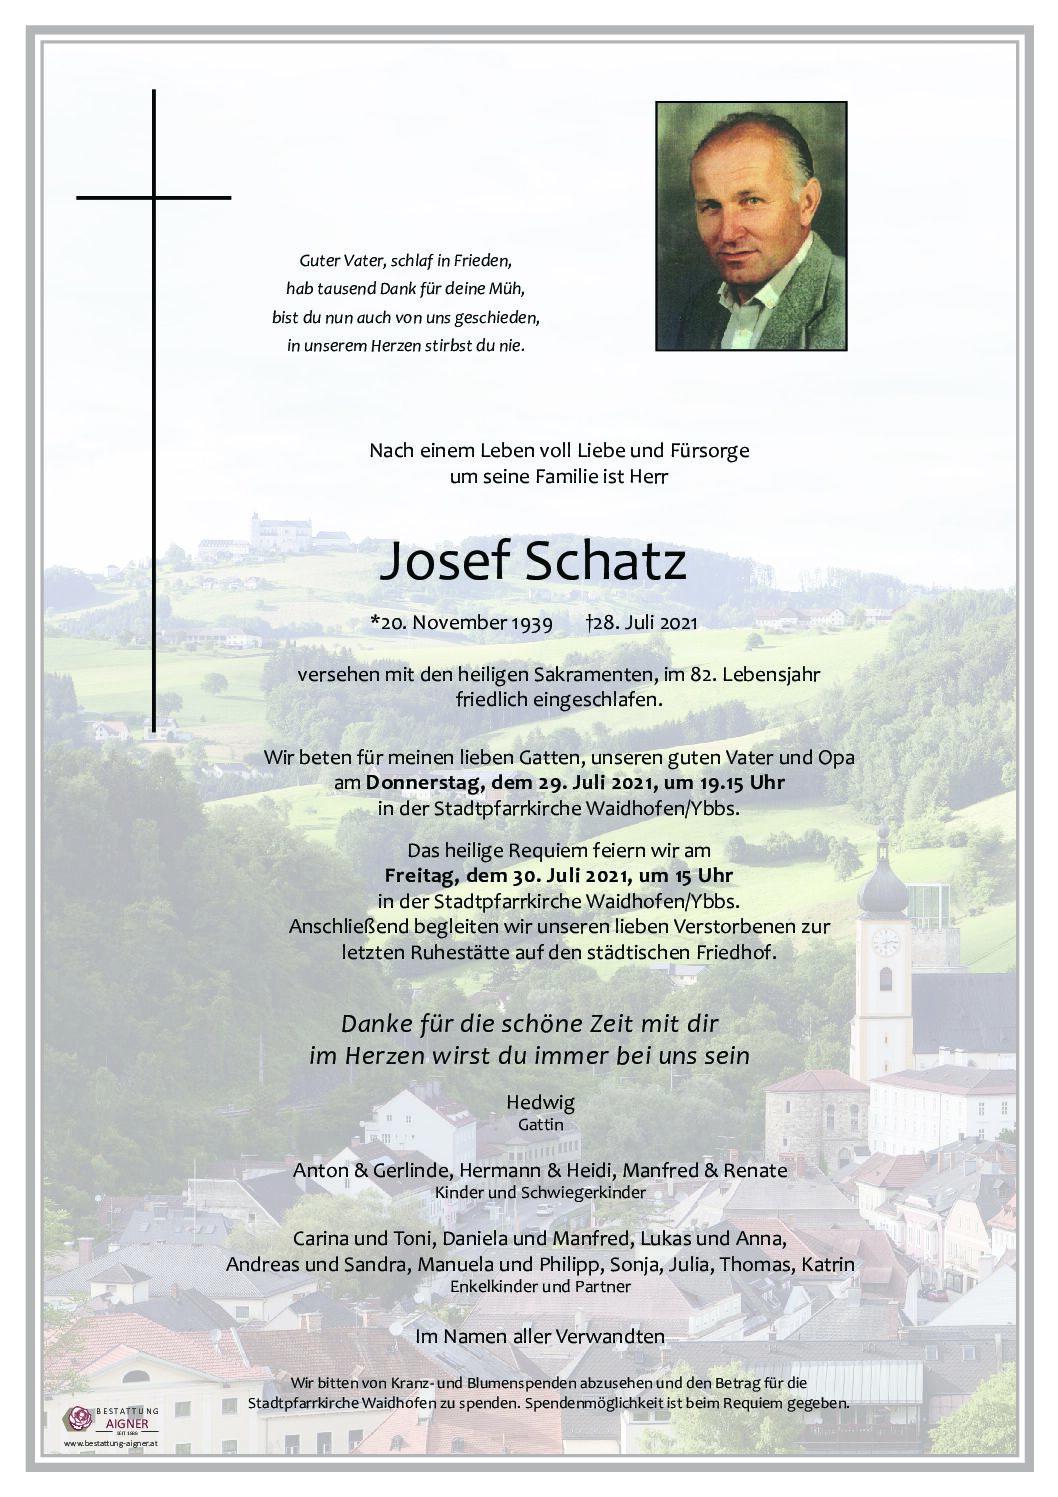 Josef Schatz